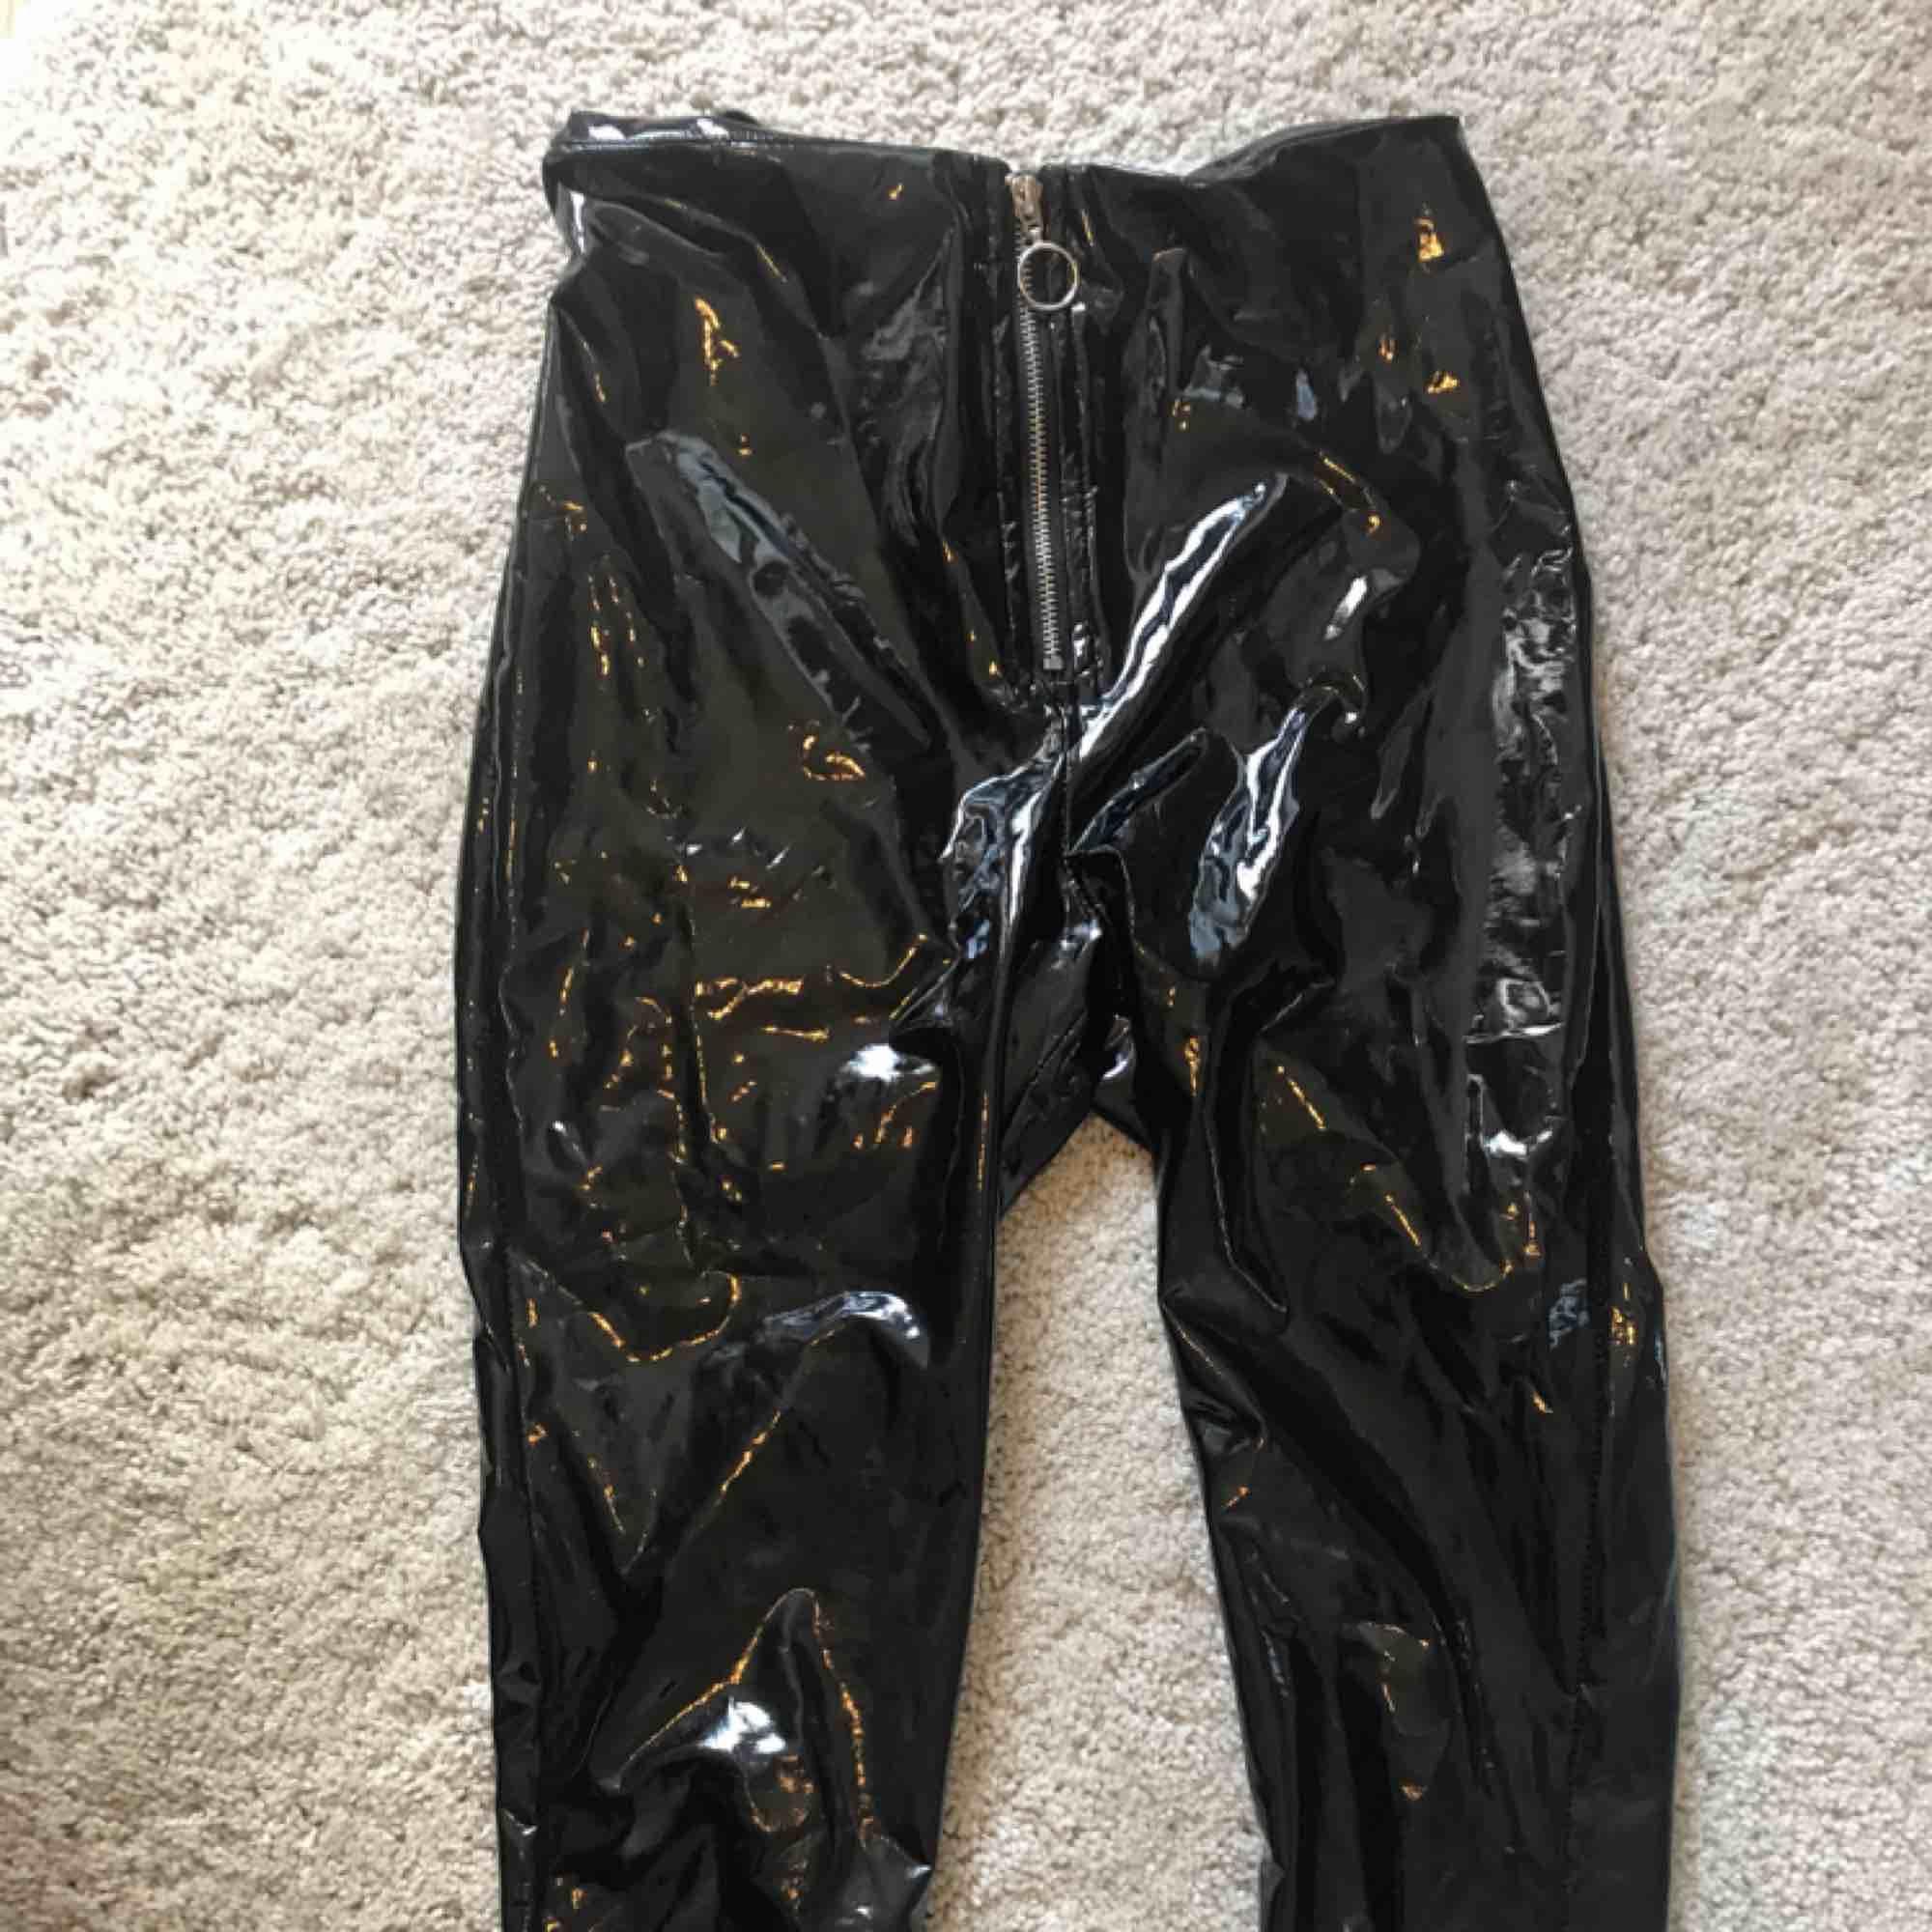 Lack/vinyl byxor Bra skick då jag använt ca 5 gånger😃 Säljer pga att de är lite förstora vilket gör att de inte kommer till användning.Hittade en liten skada på inre låret:/  🤩  Kan gå ner i pris vid snabb affär!  Köpare står för frakt. Jeans & Byxor.